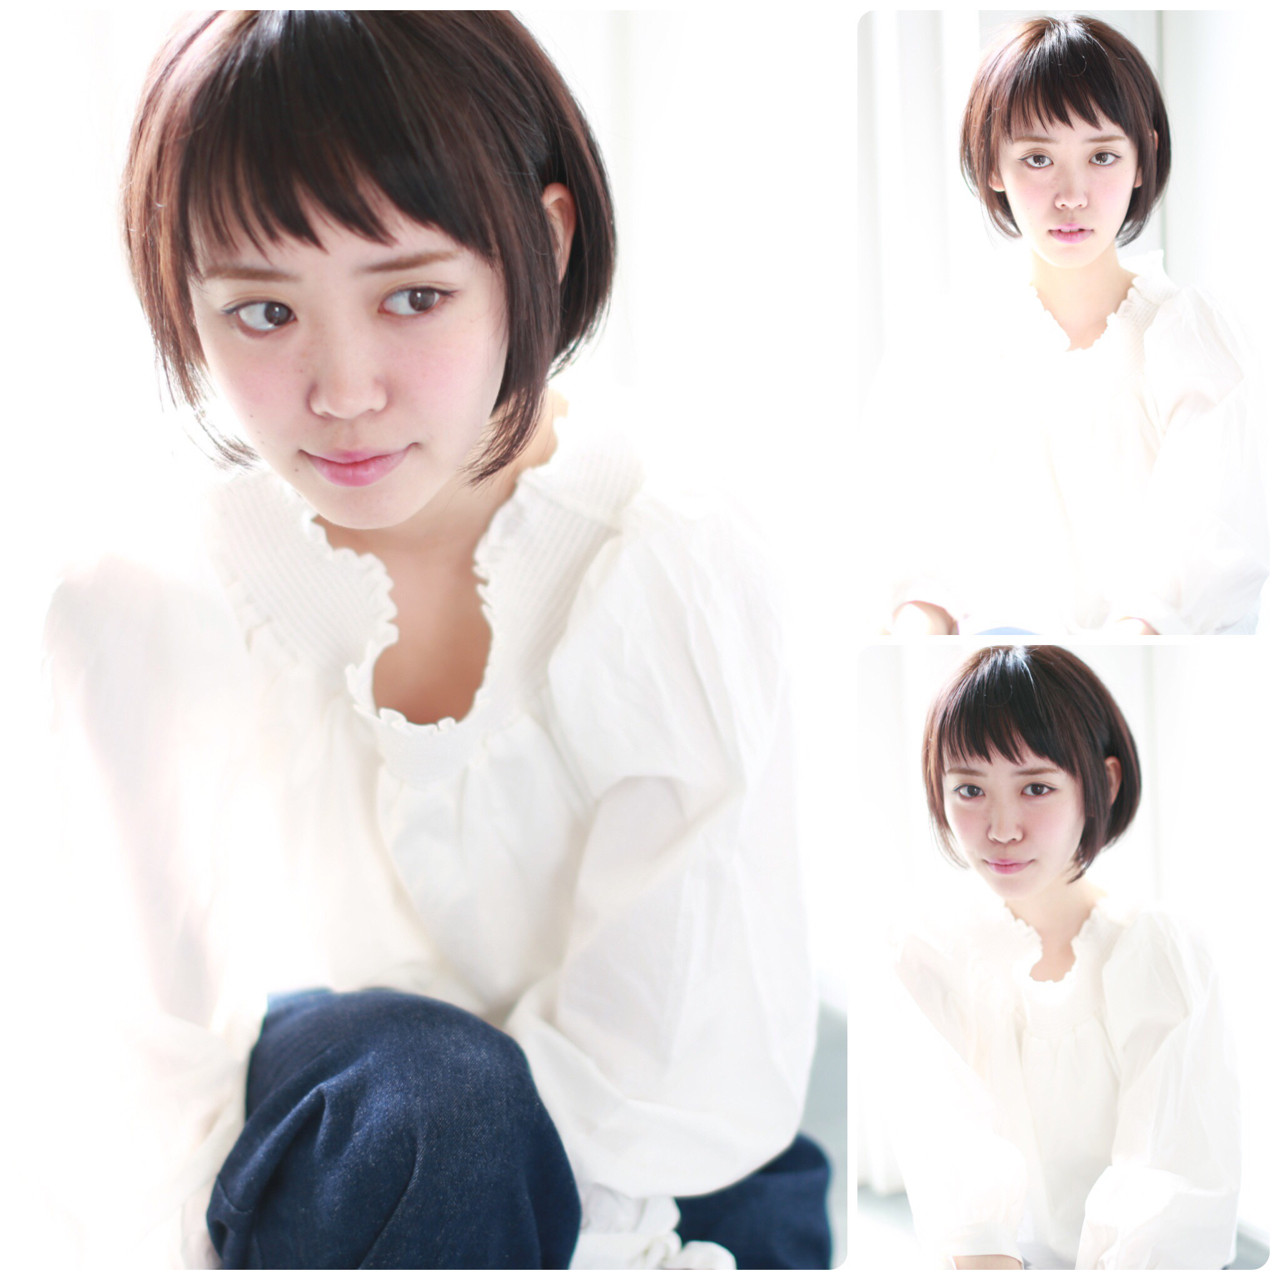 グレージュ イルミナカラー ナチュラル ショート ヘアスタイルや髪型の写真・画像 | イマムラ スナオ / LUKE